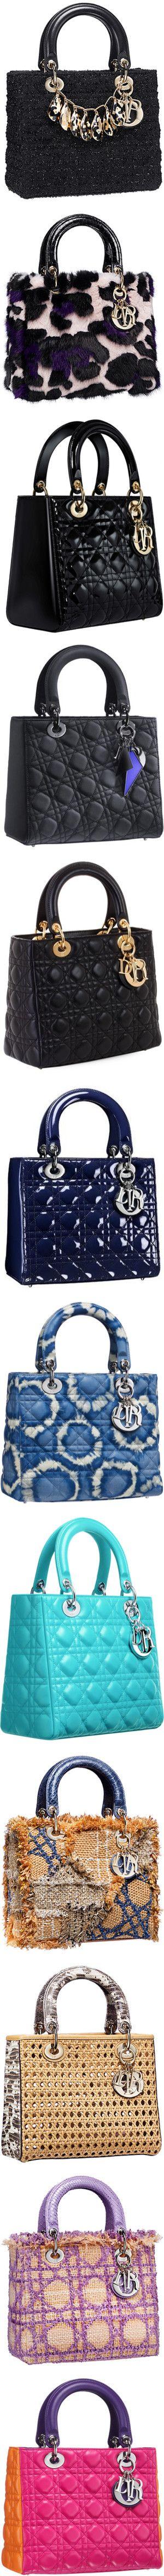 Lady Dior ♥✤ UN MODELO MIL COMBINACIONES!!!